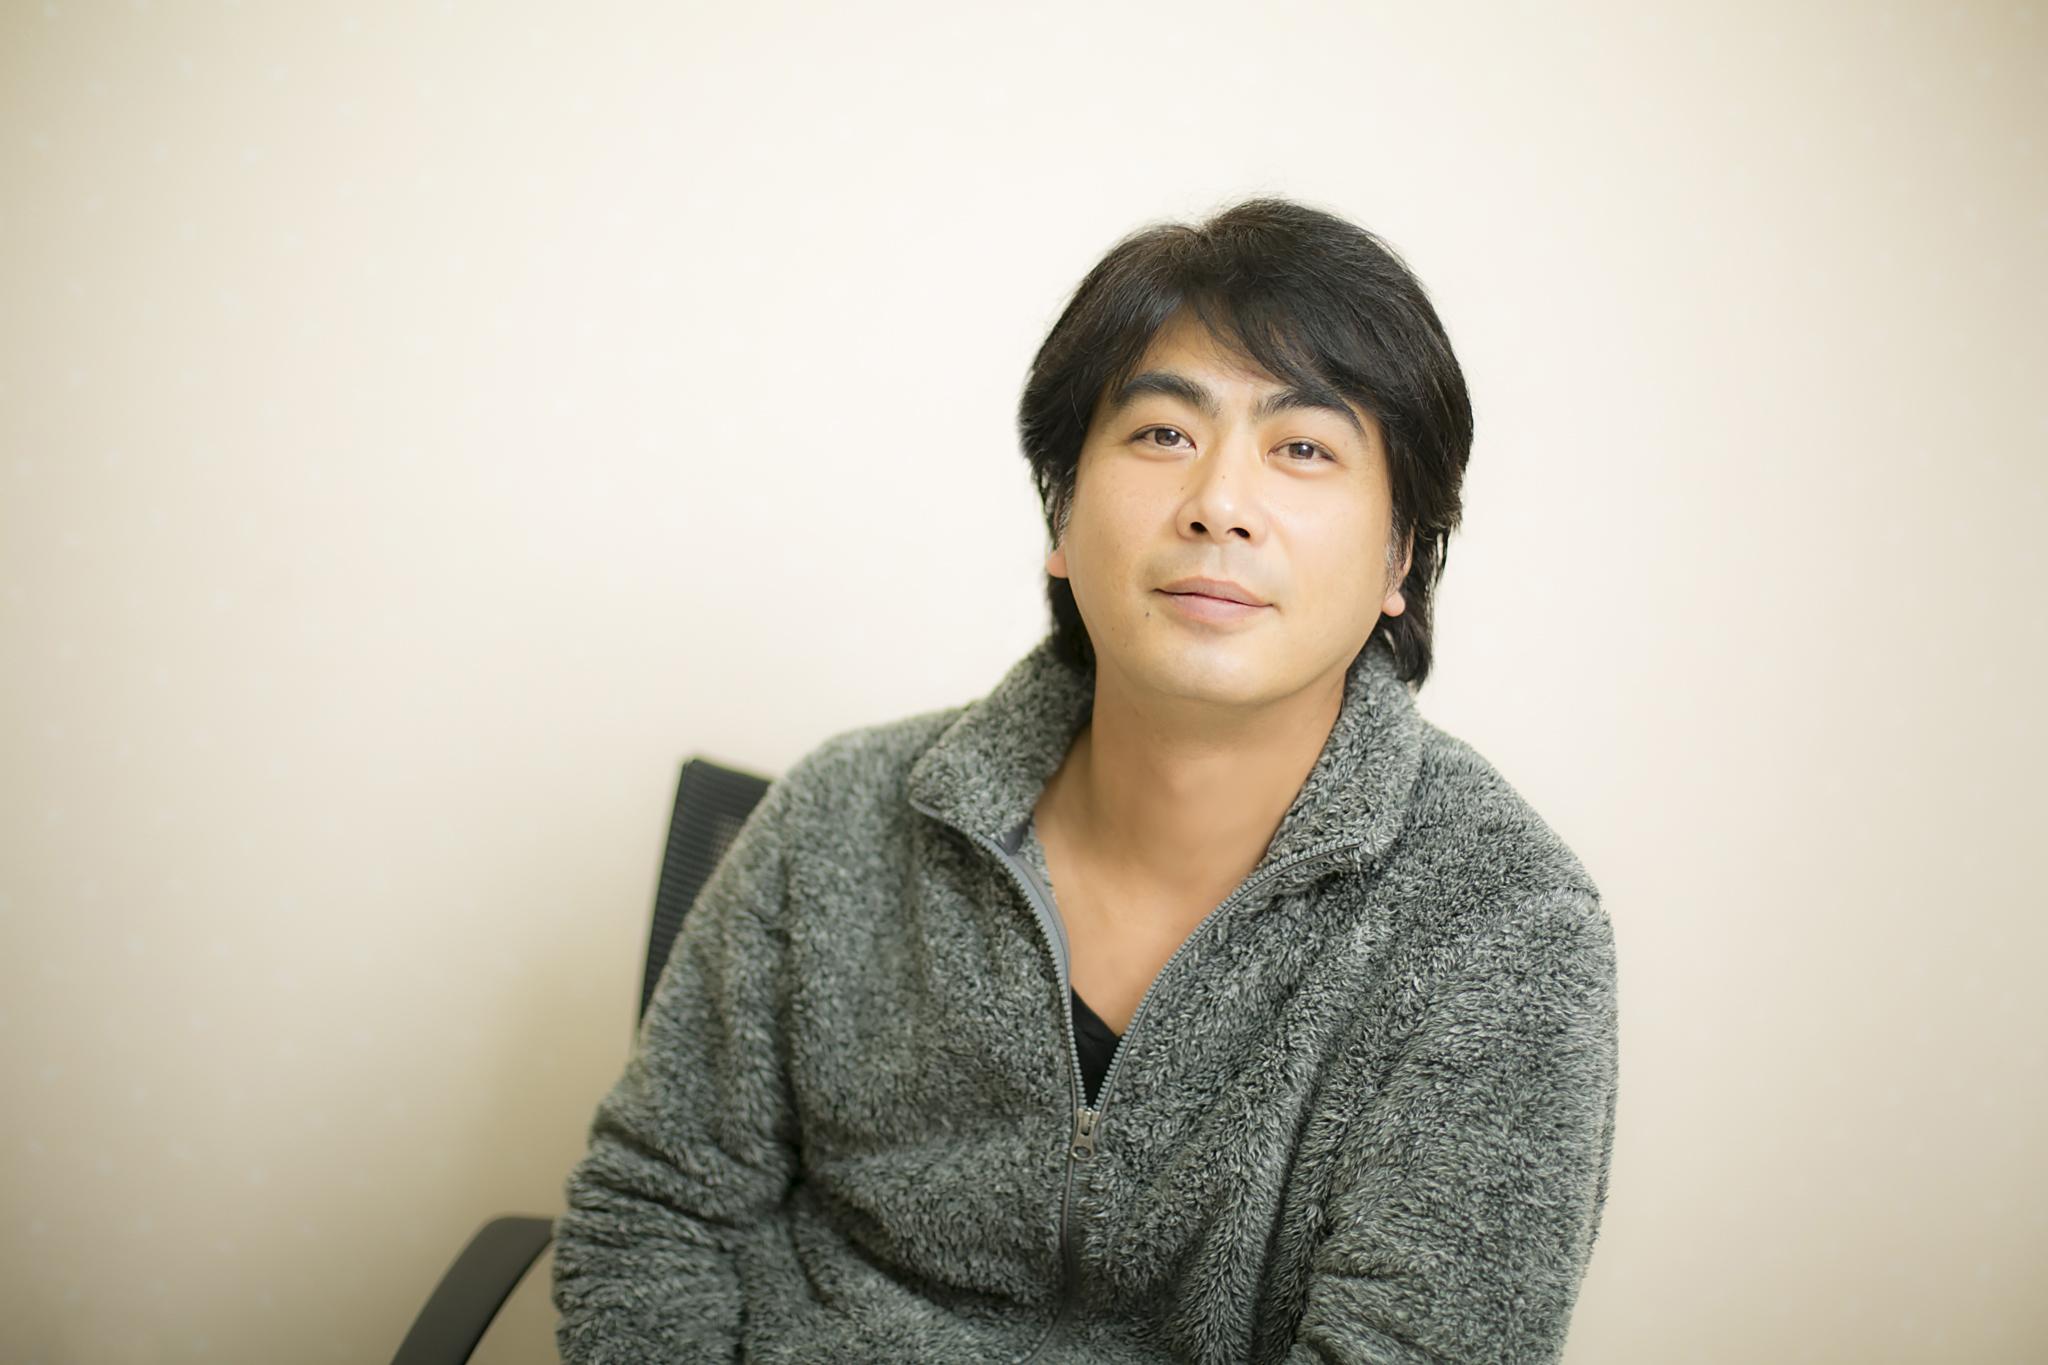 関口知宏さん写真